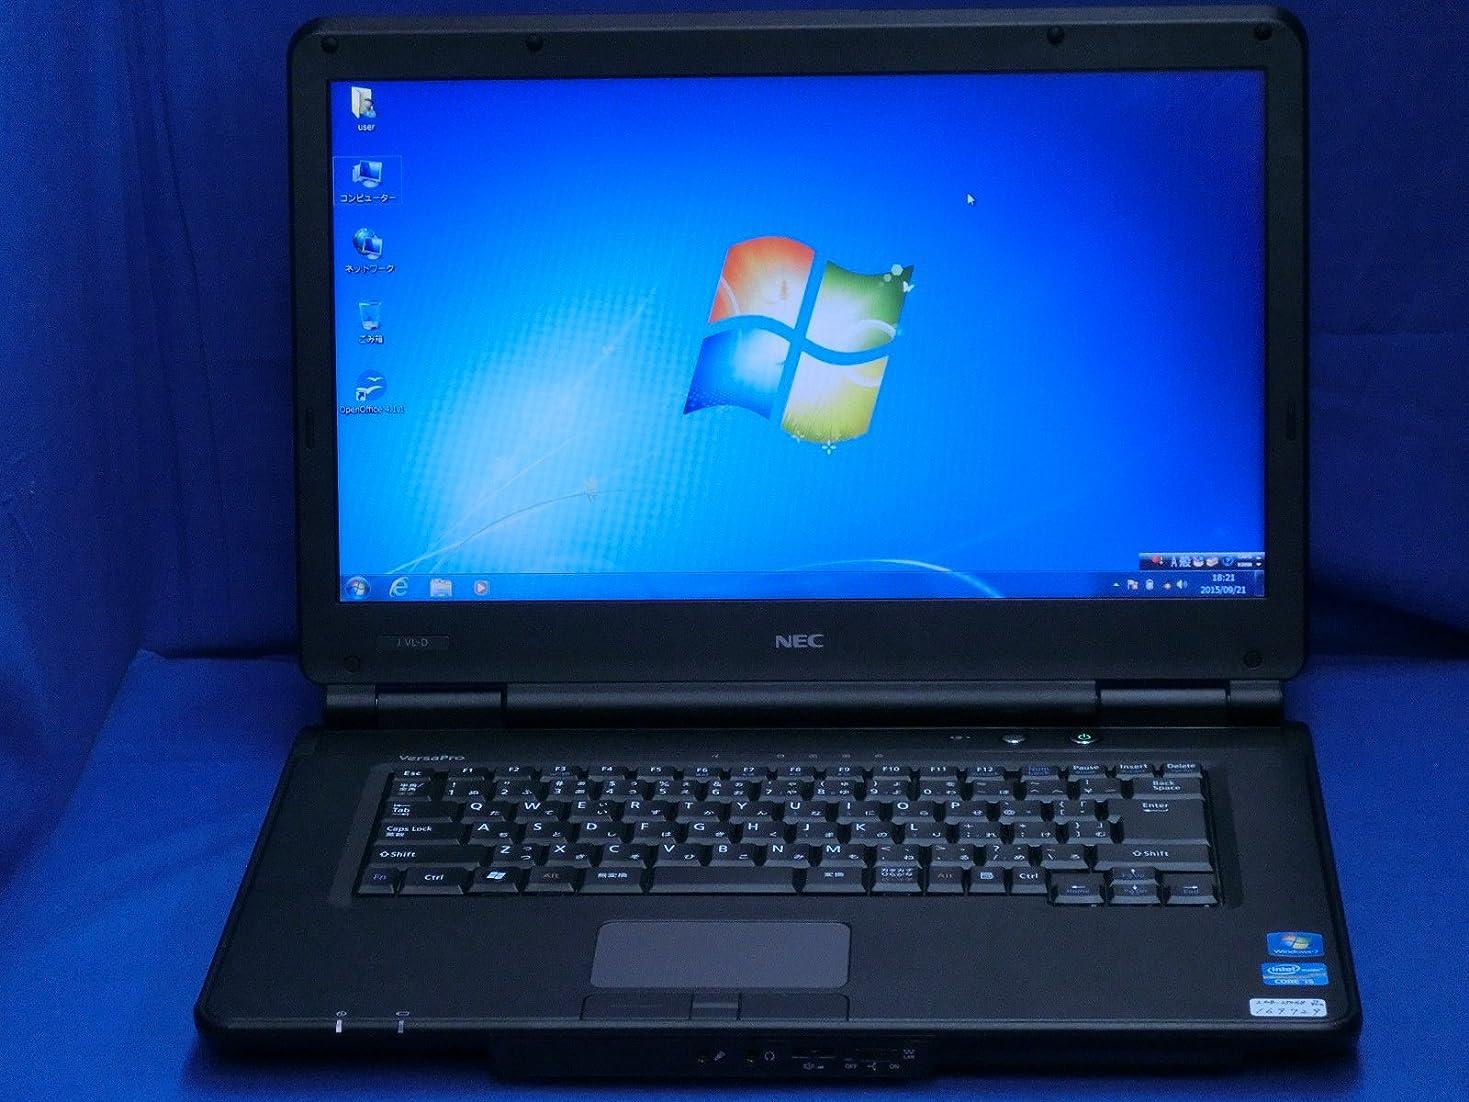 タイプ優雅第二に【中古】 NEC VersaPro タイプVL VJ24T/L-D(PC-VJ24TLZCD) ノートパソコン Corei5 2430M 4GB 250GB Windows7pro PC-VJ24TLNCAGEDMBZBY